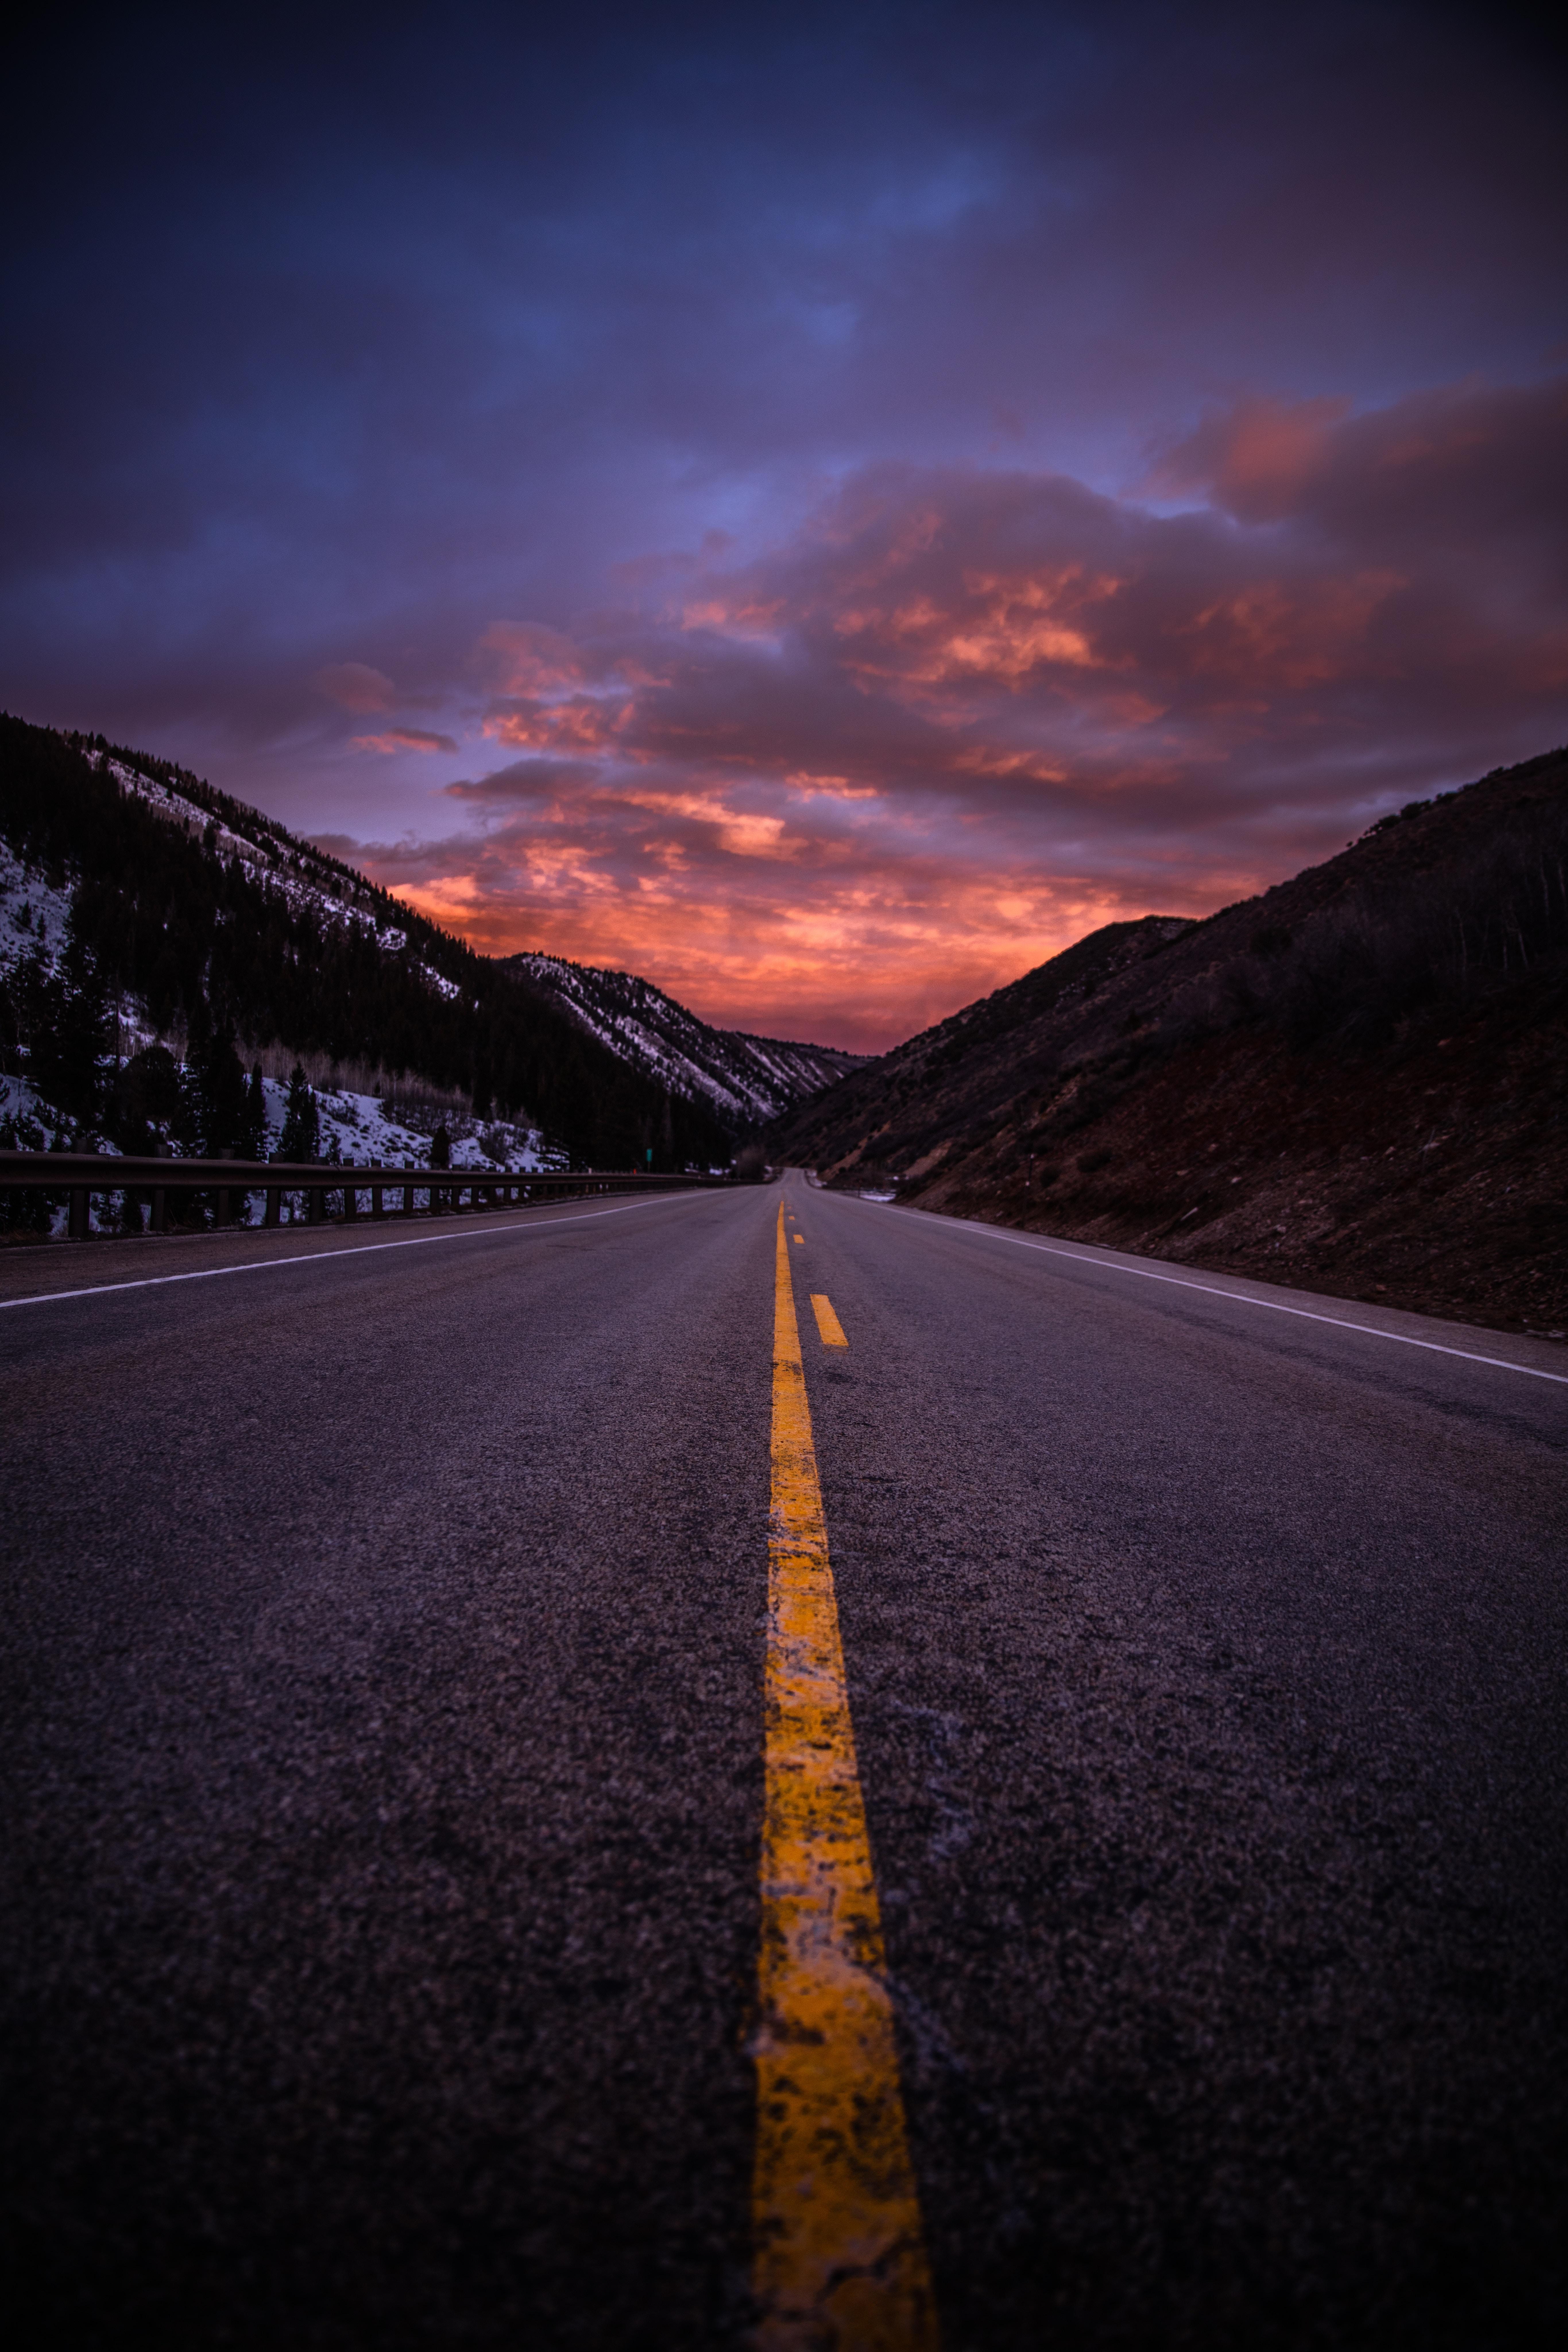 84101壁紙のダウンロード自然, 道路, 道, マークアップ, イブニング, 夕方, 山脈-スクリーンセーバーと写真を無料で